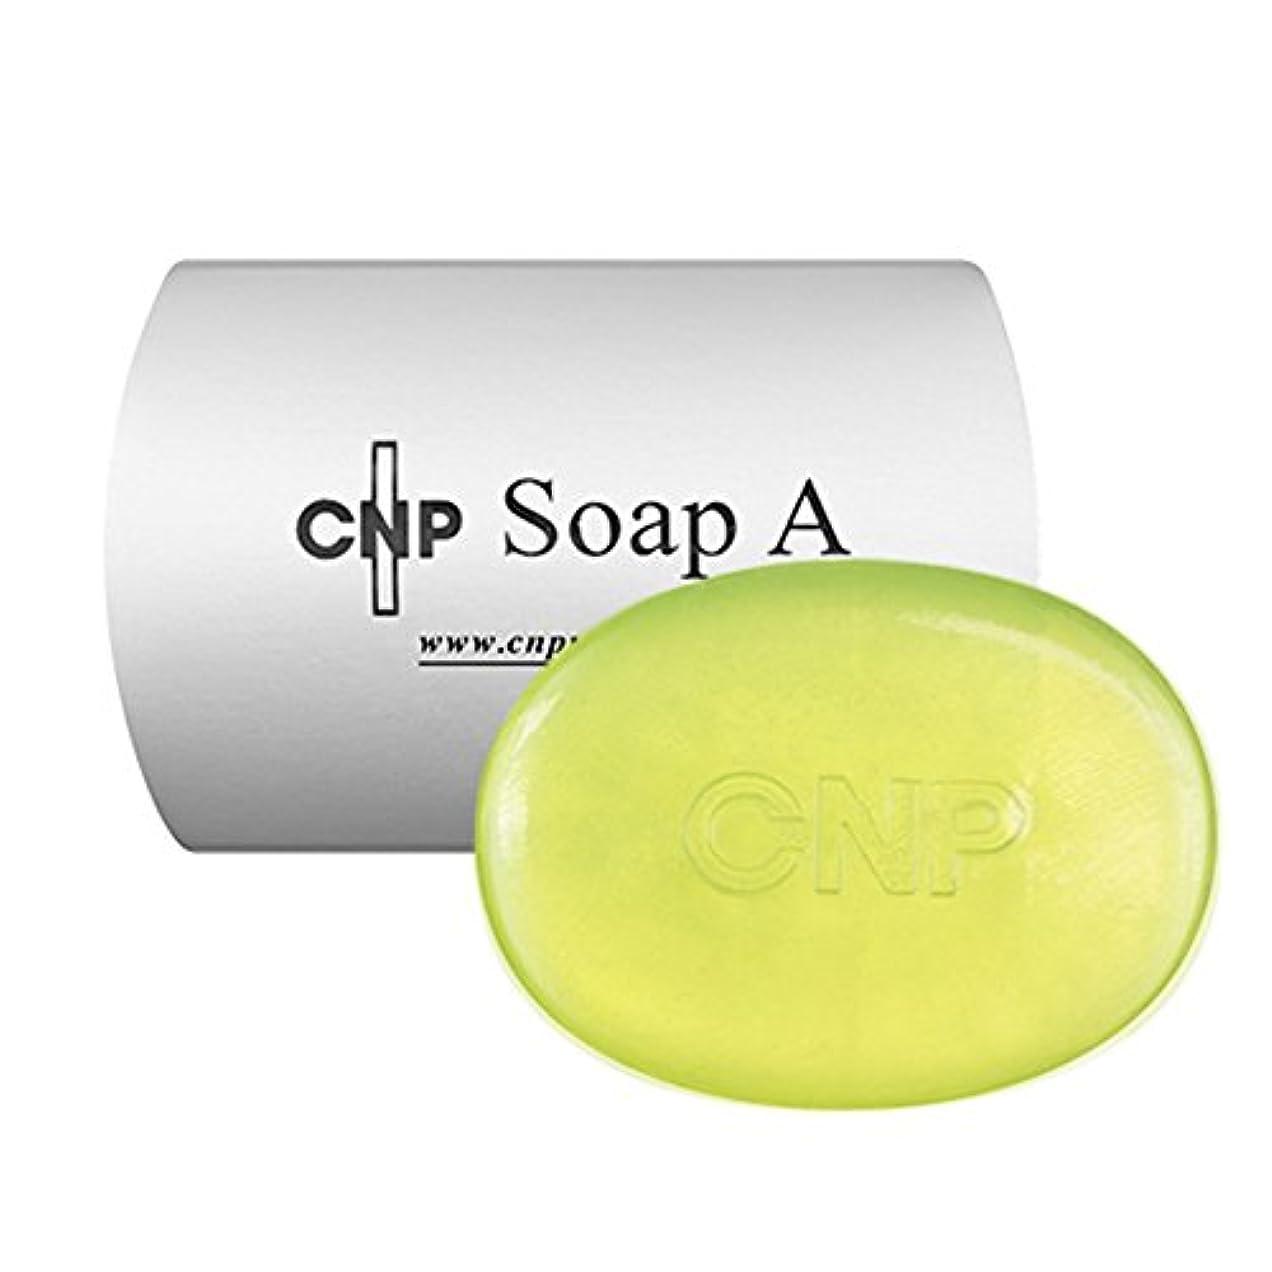 プレゼンテーションビールタオルCNP Soap A チャアンドパク ソープ A [並行輸入品]